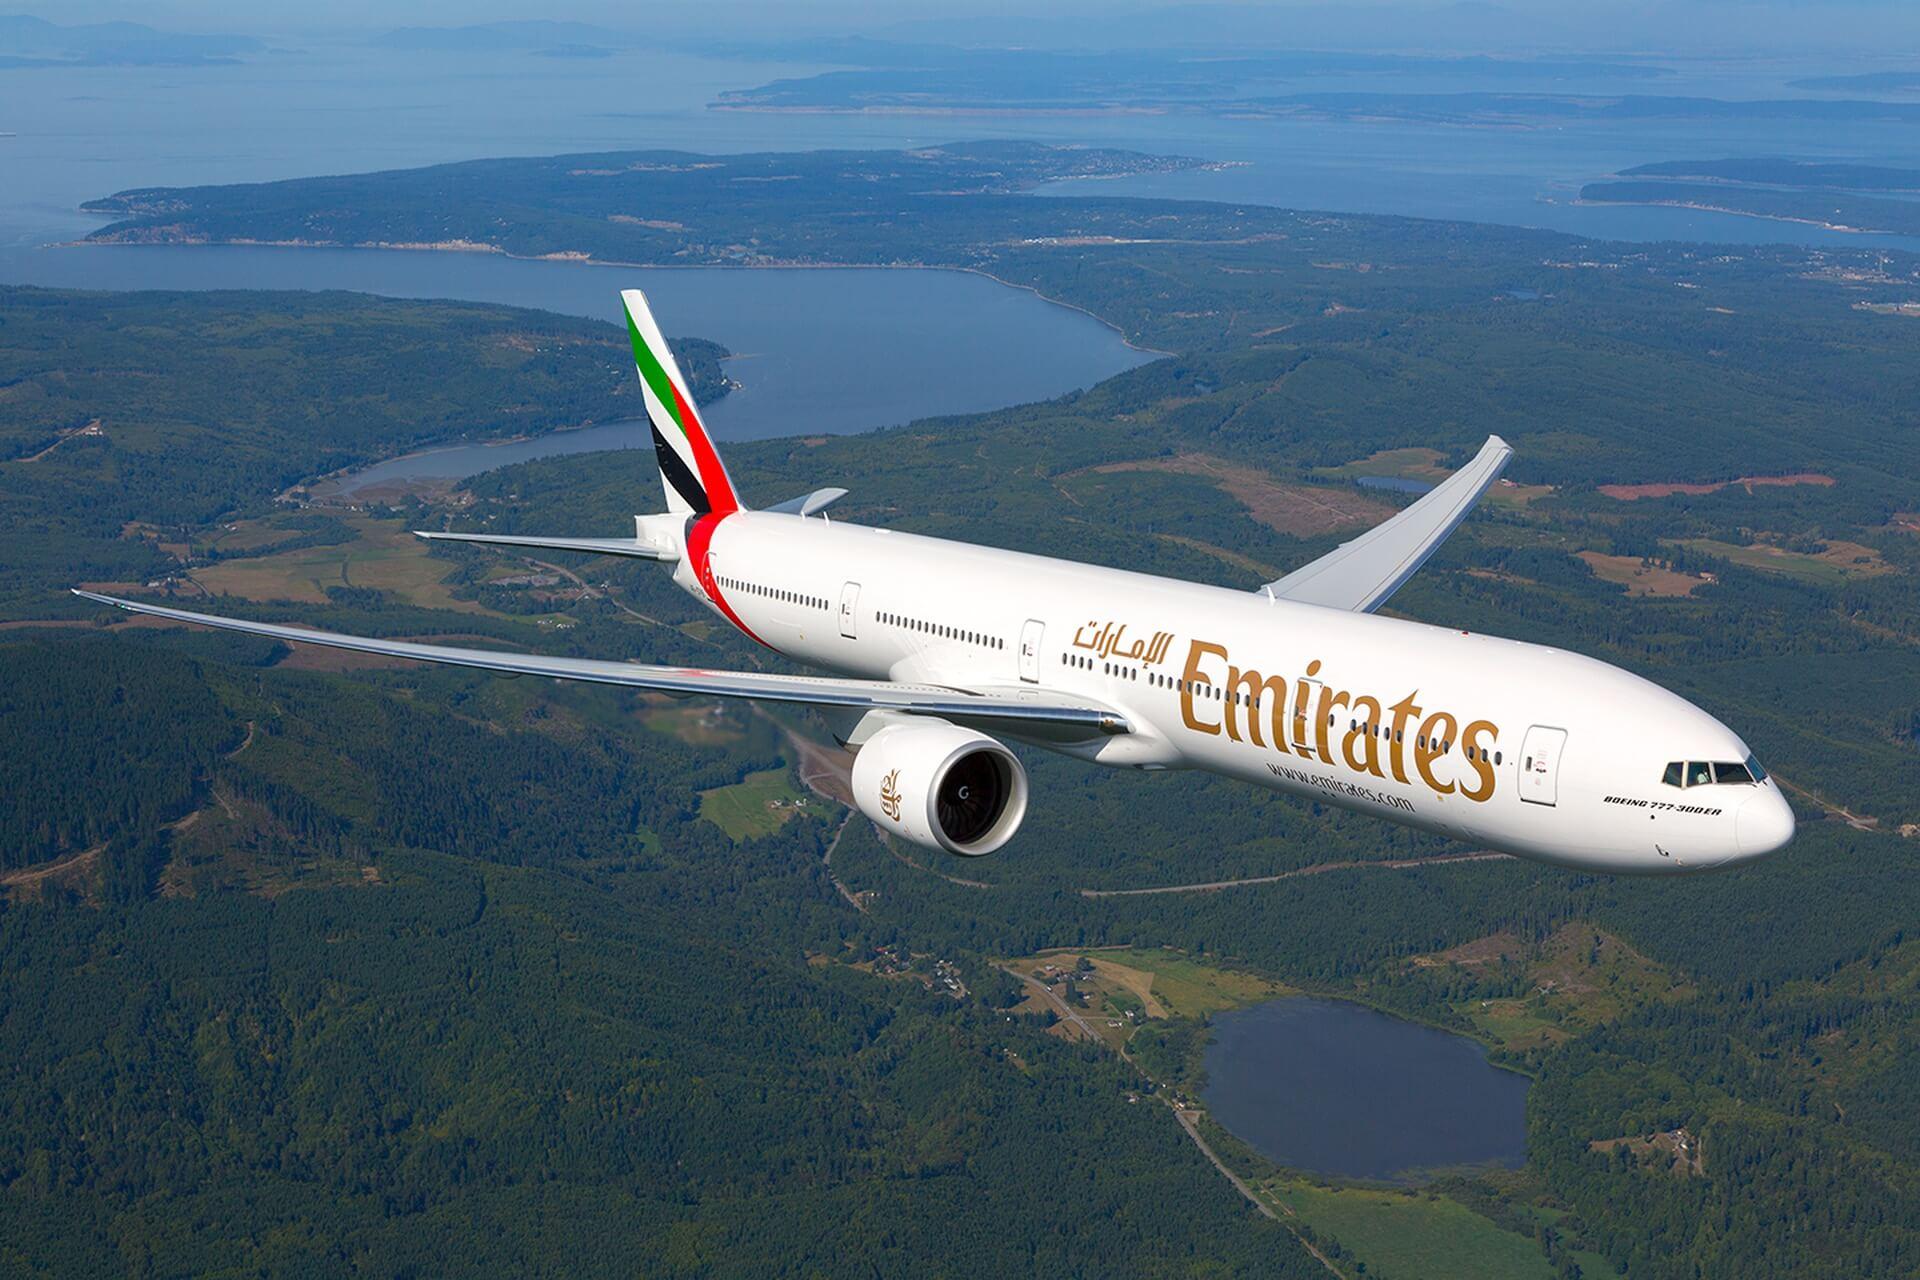 Emirates Airlines propose désormais des vols vers 9 villes sur 4 continents à destination de Dubaï